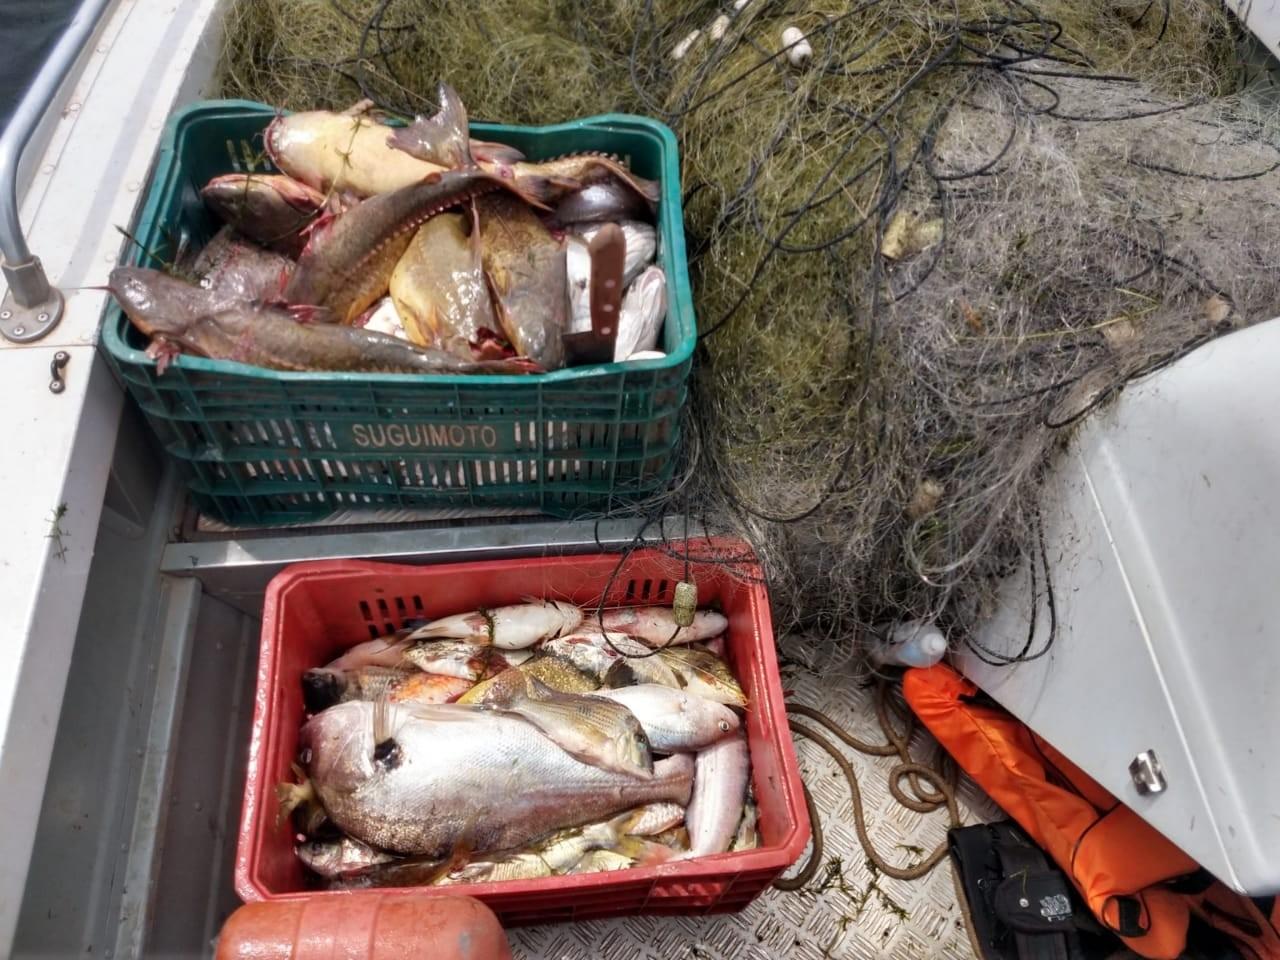 Casal é multado em mais de R$ 5,6 mil pela prática de pesca irregular no Rio Paraná, em Presidente Epitácio